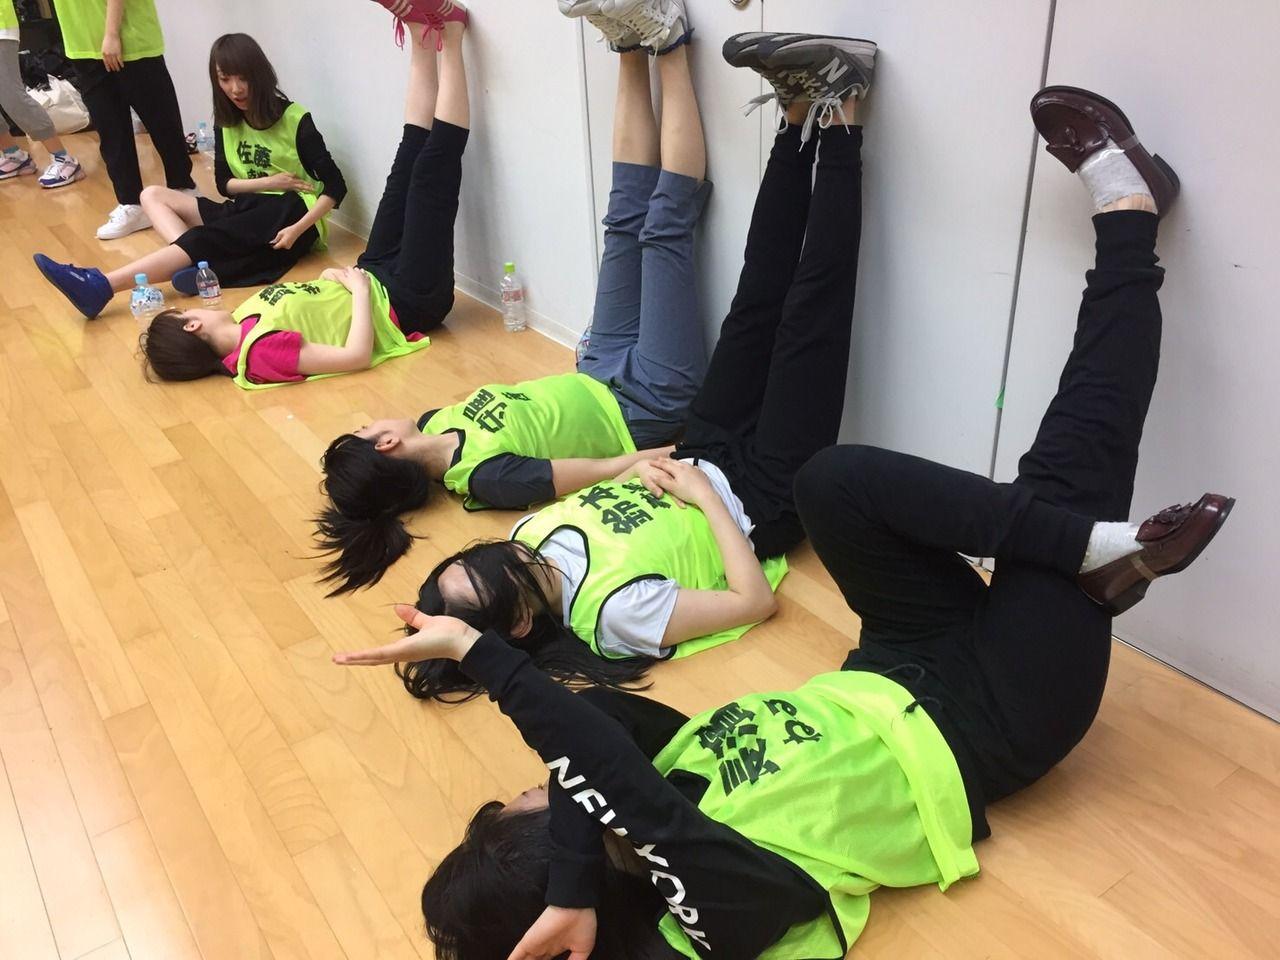 sub-member-5775_01_jpg